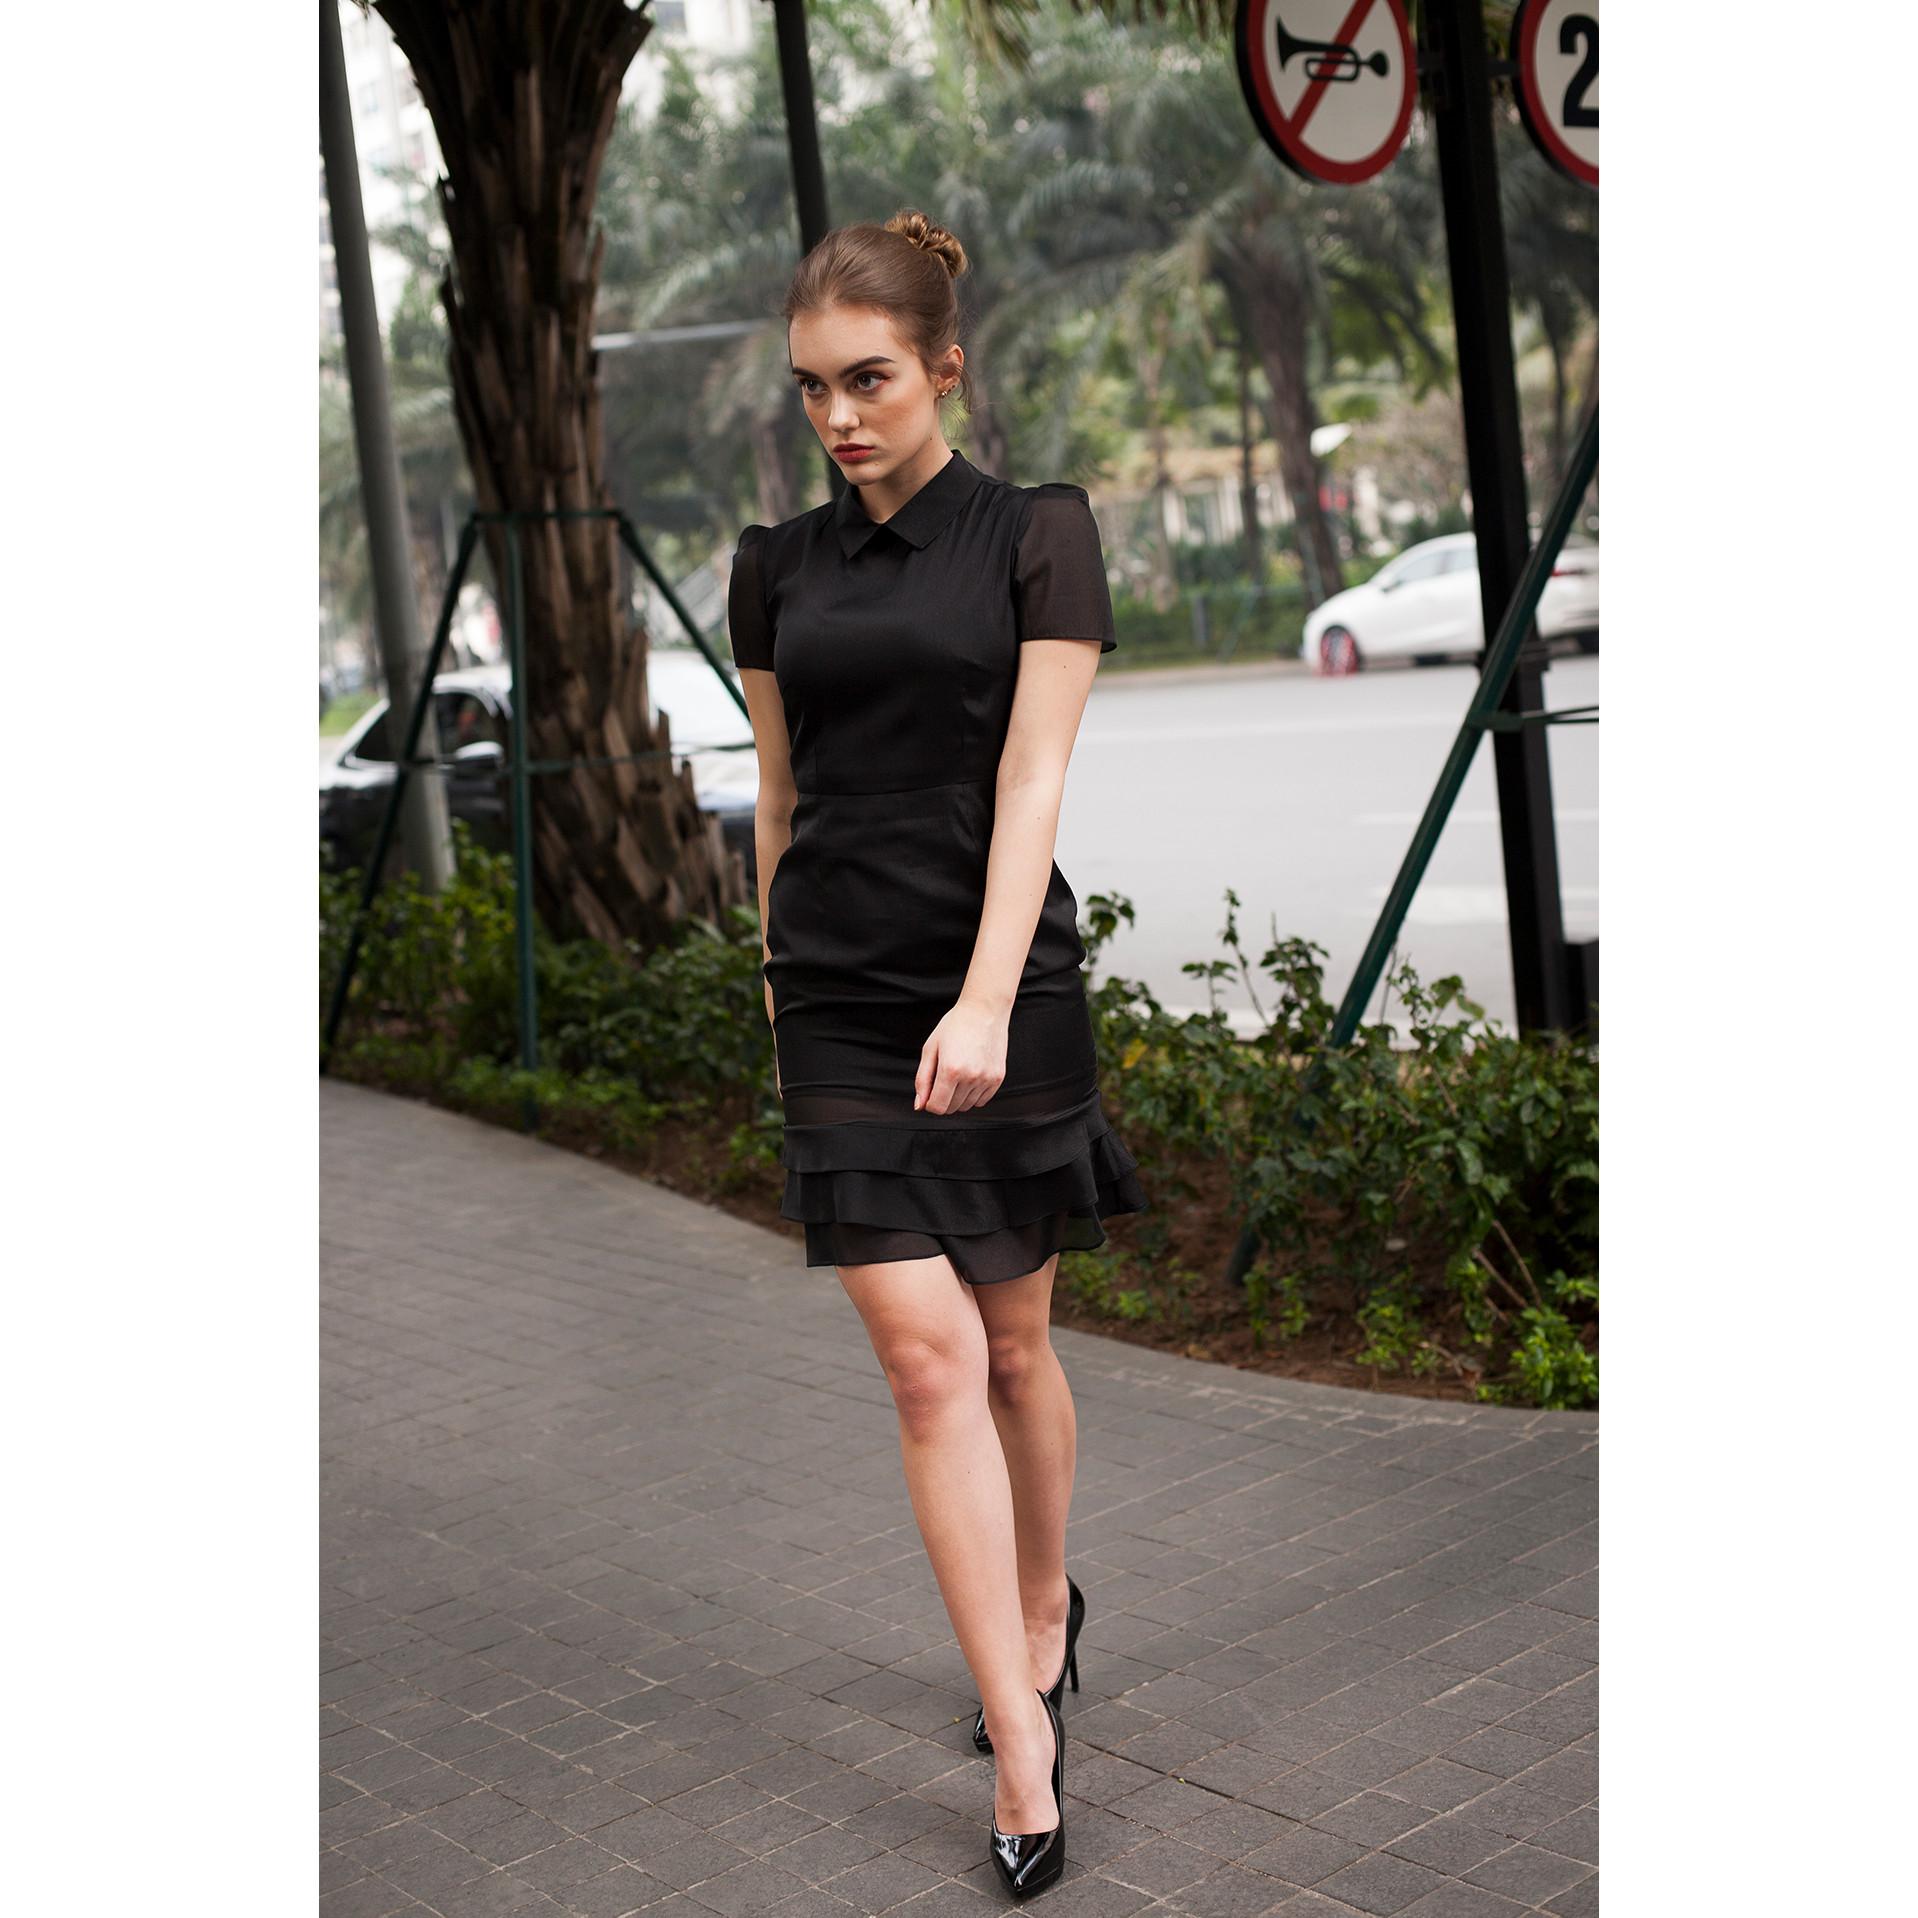 Váy Đầm Dáng Ôm Body Xoè 3 Tầng Cổ Đức, Đầm Ngắn Tay Thời Trang Dự Tiệc Cao Cấp Đẹp Thanh Lịch Tinh Tế Công Sở